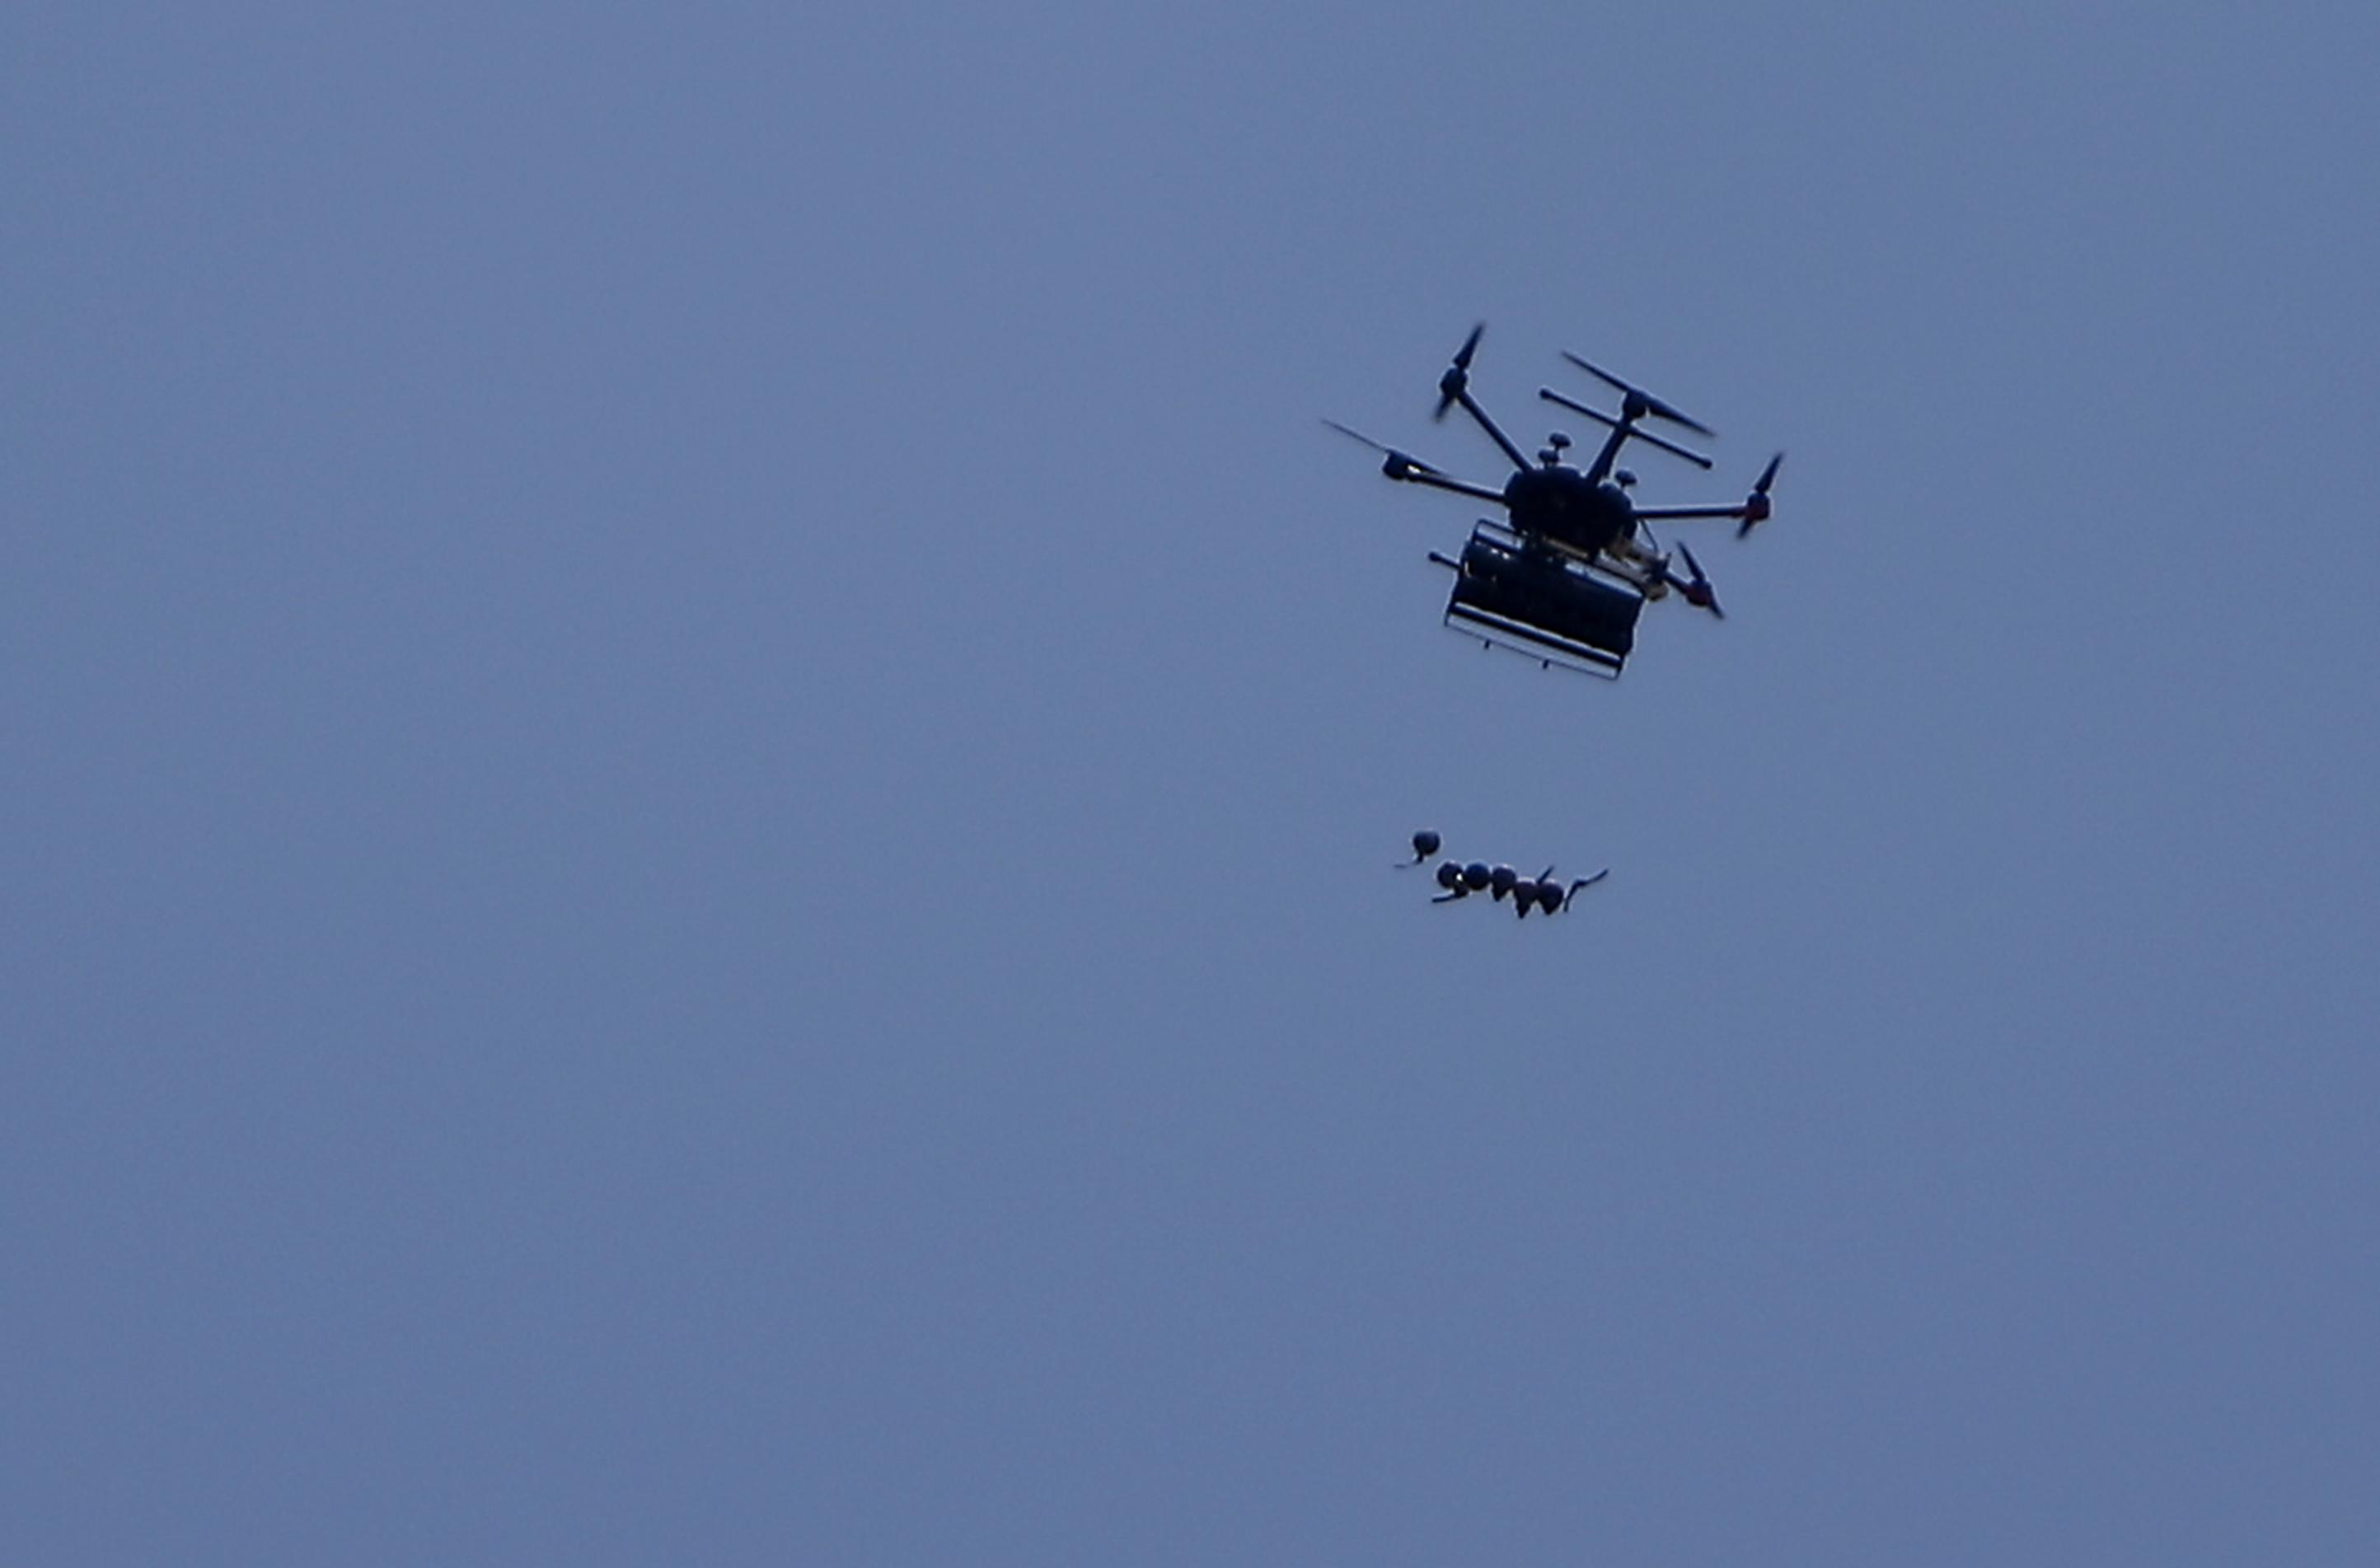 Mexikói drogkartellek robbanószerrel megpakolt drónokkal támadtak biztonságiakra